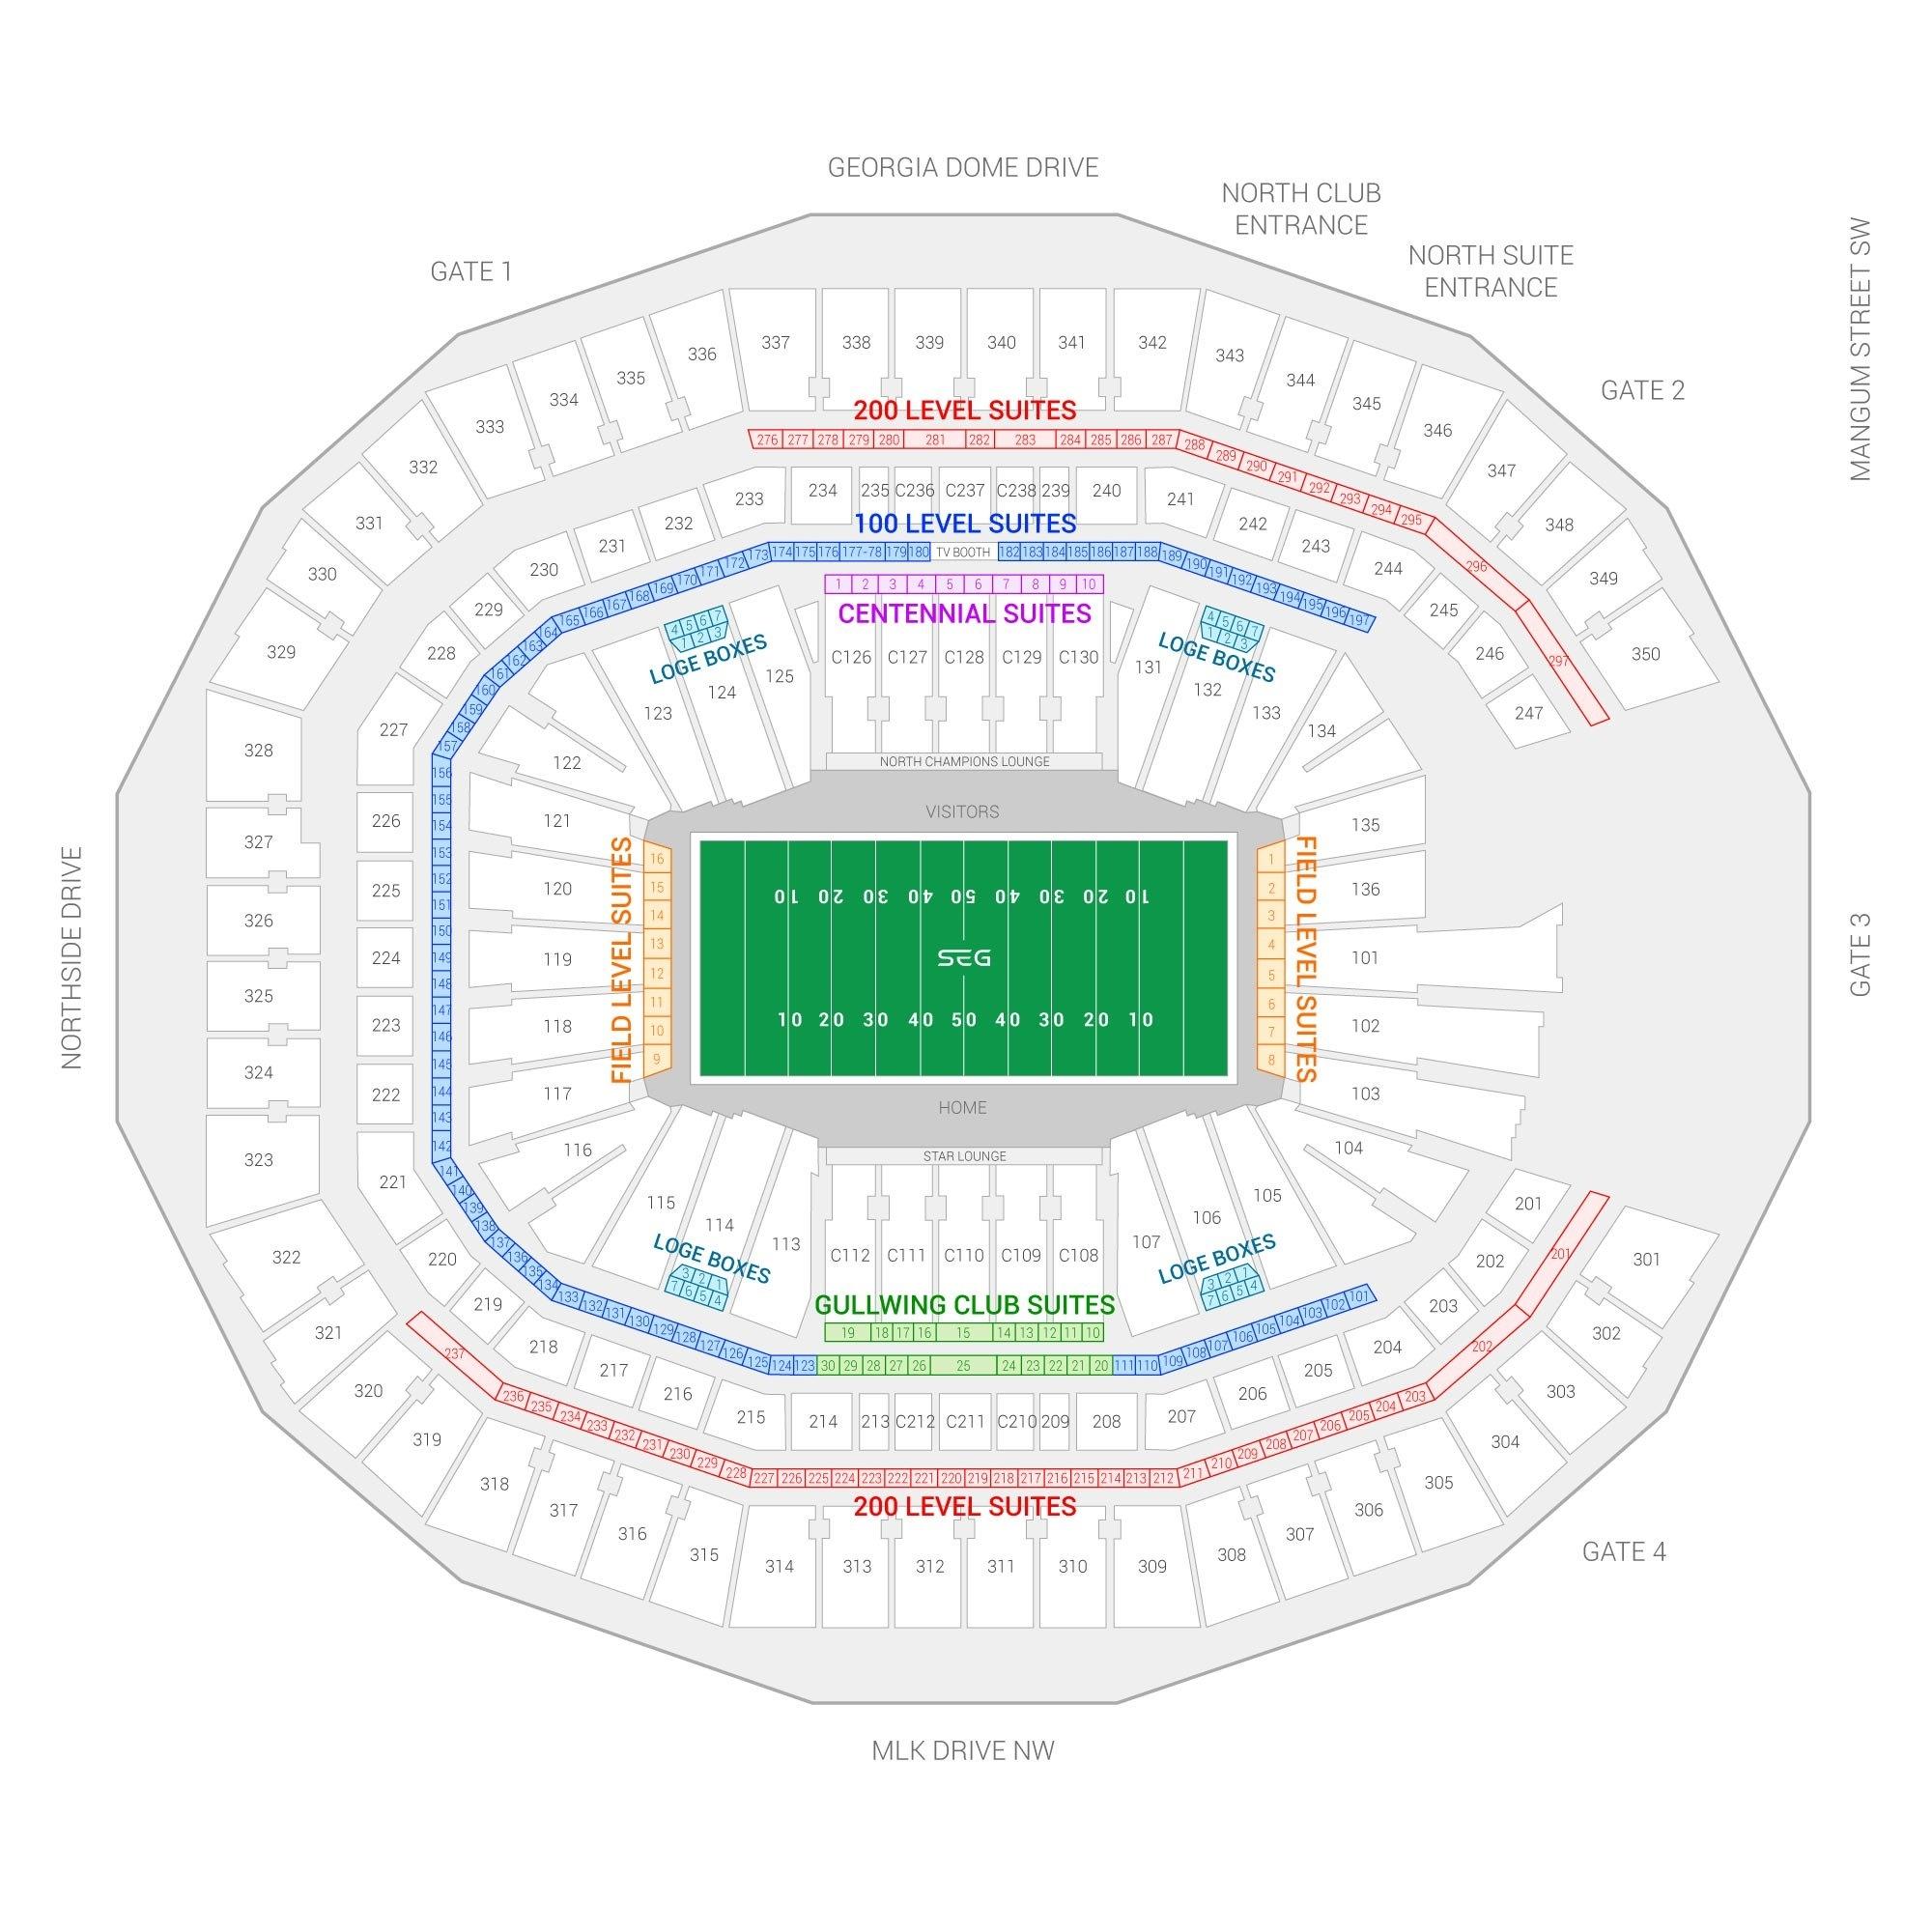 Super Bowl Liii Suite Rentals   Mercedes-Benz Stadium regarding Super Bowl Stadium 2019 Seating Chart